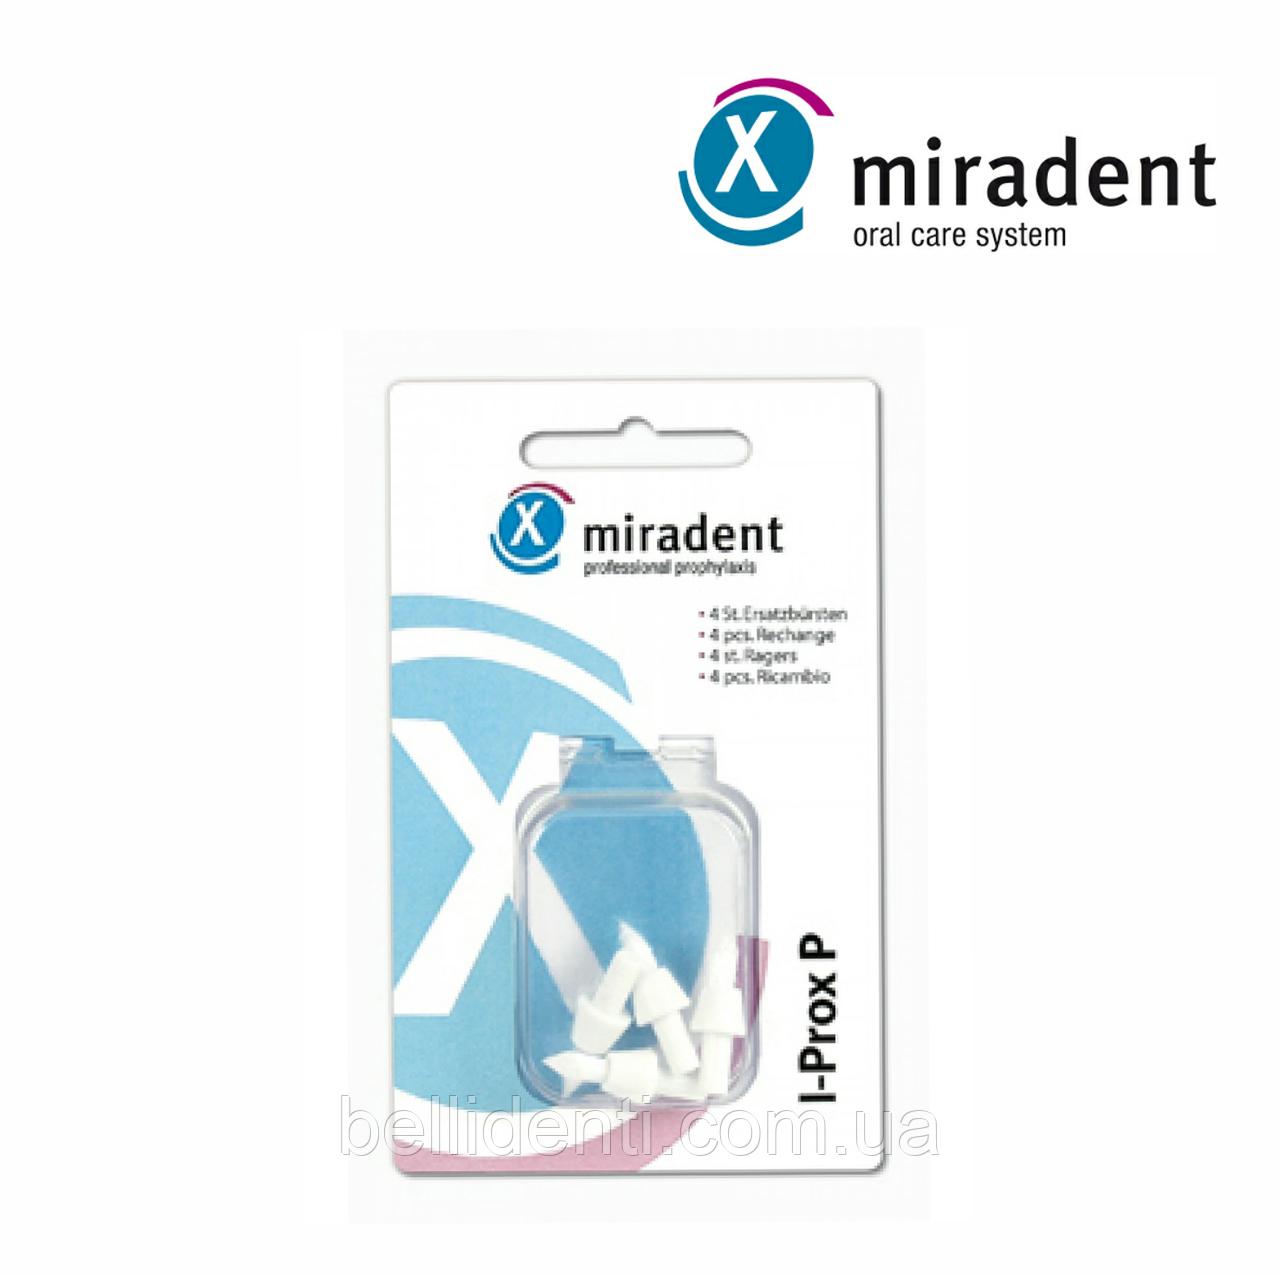 Сменные насадки монопучковые miradent l-Prox P Replacnent Brushes, (4 шт)